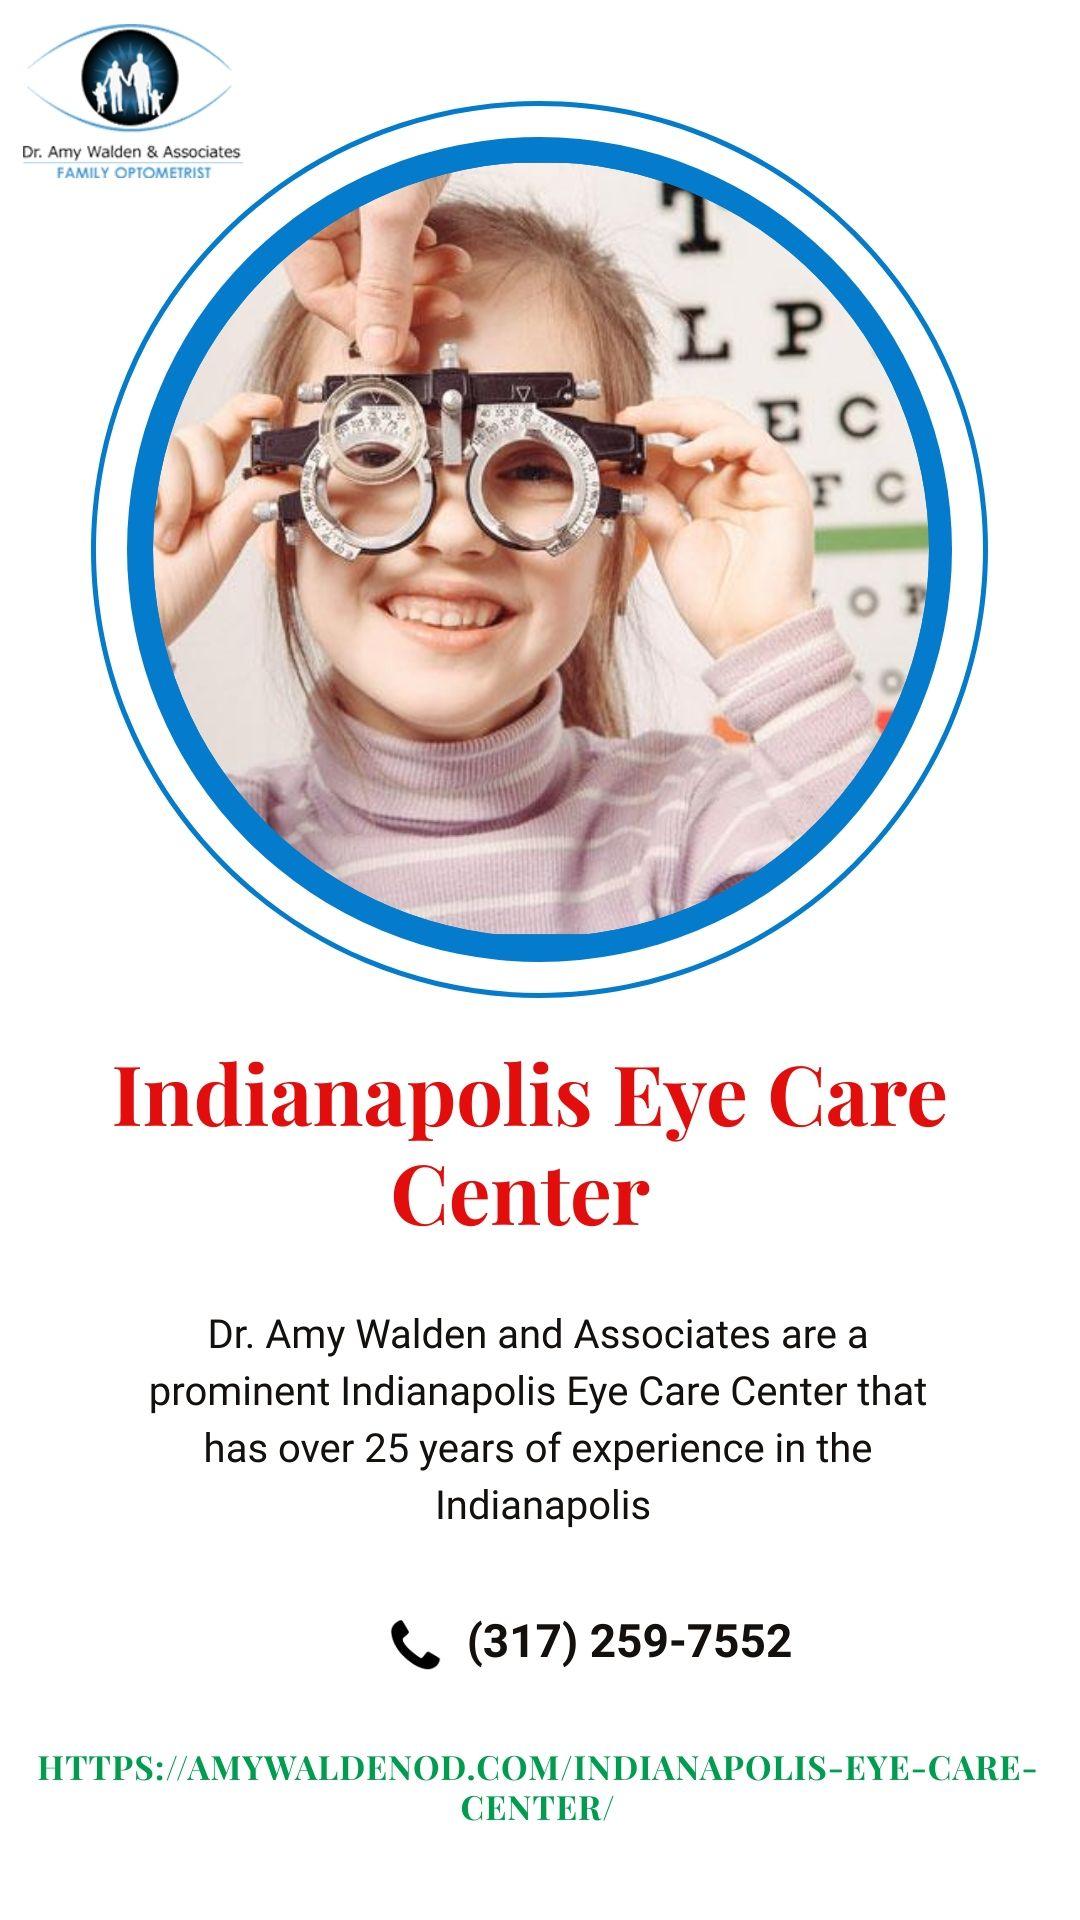 Indianapolis Eye Care Center Eye Care Eye Care Center Indianapolis